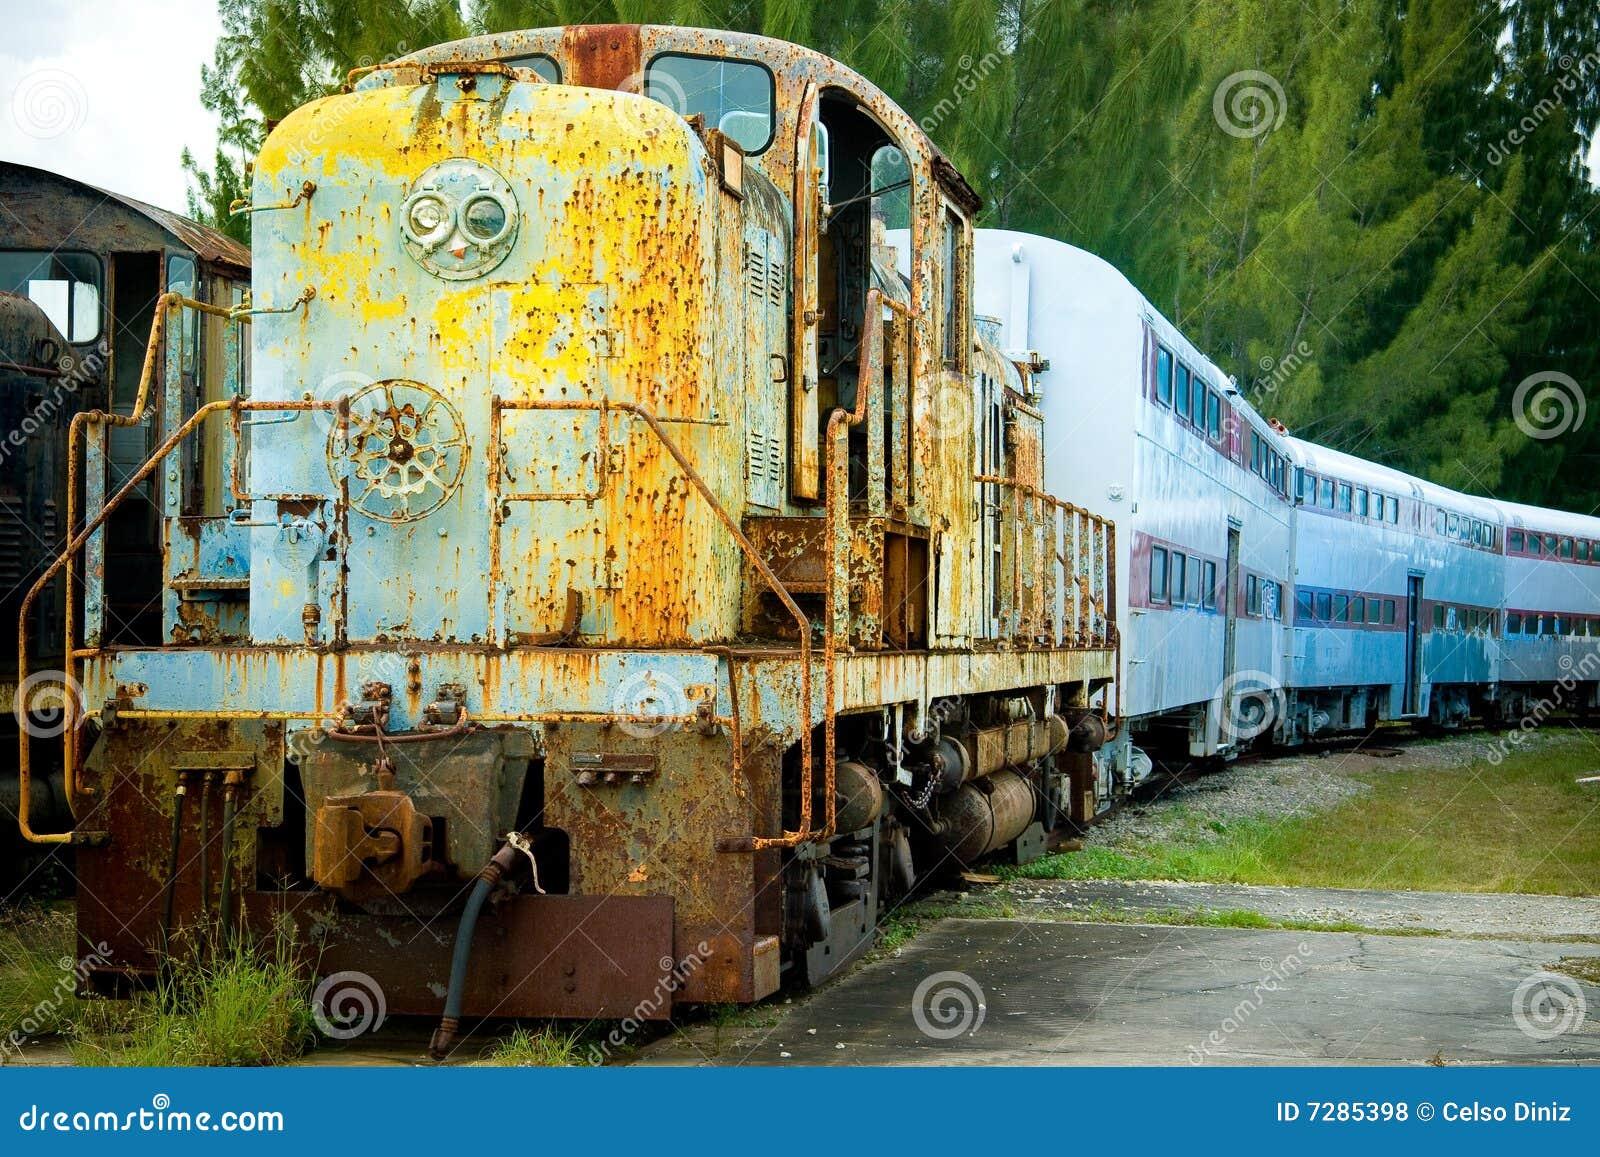 Tren y carros viejos